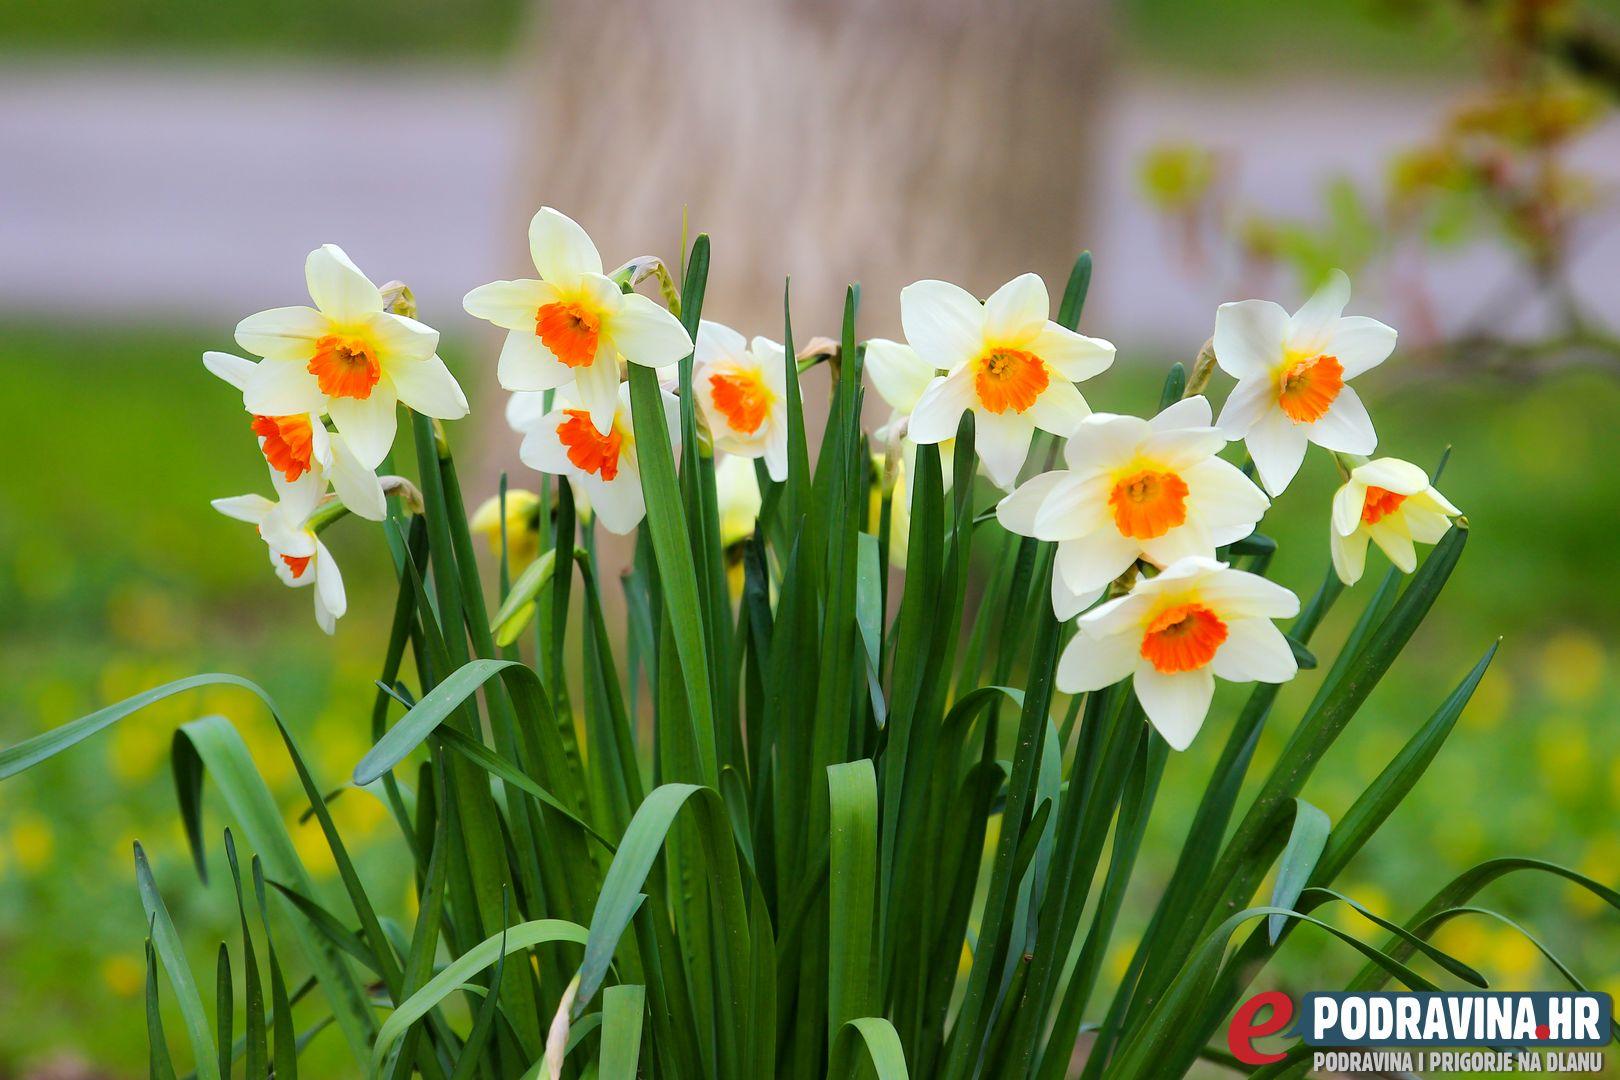 FOTO Stiglo nam je proljeće! Uživajte - ePodravina.hr